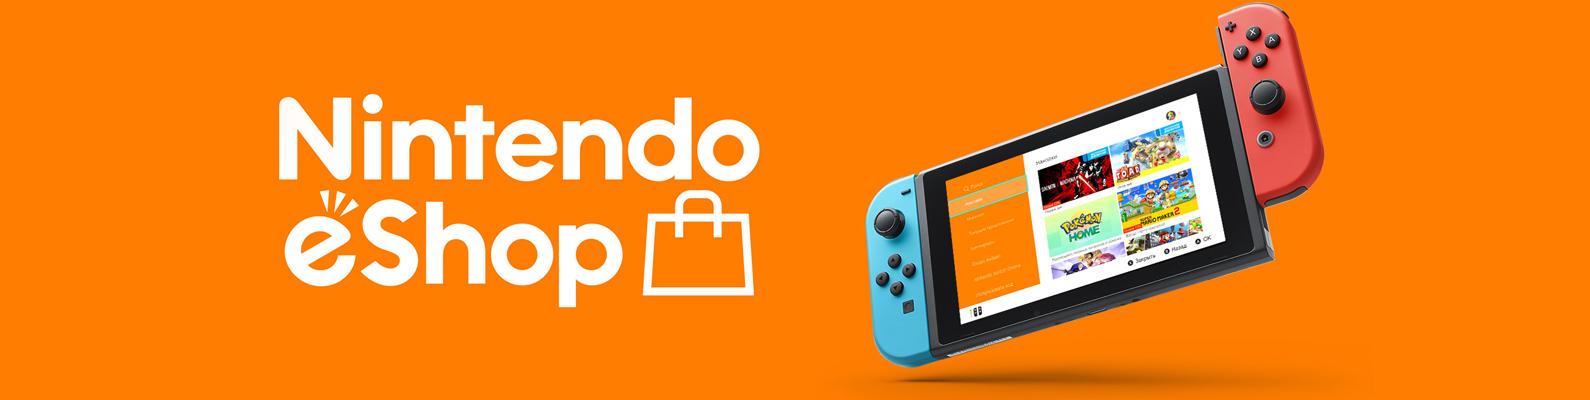 Приставки Nintendo - подписки/пополнение бумажника